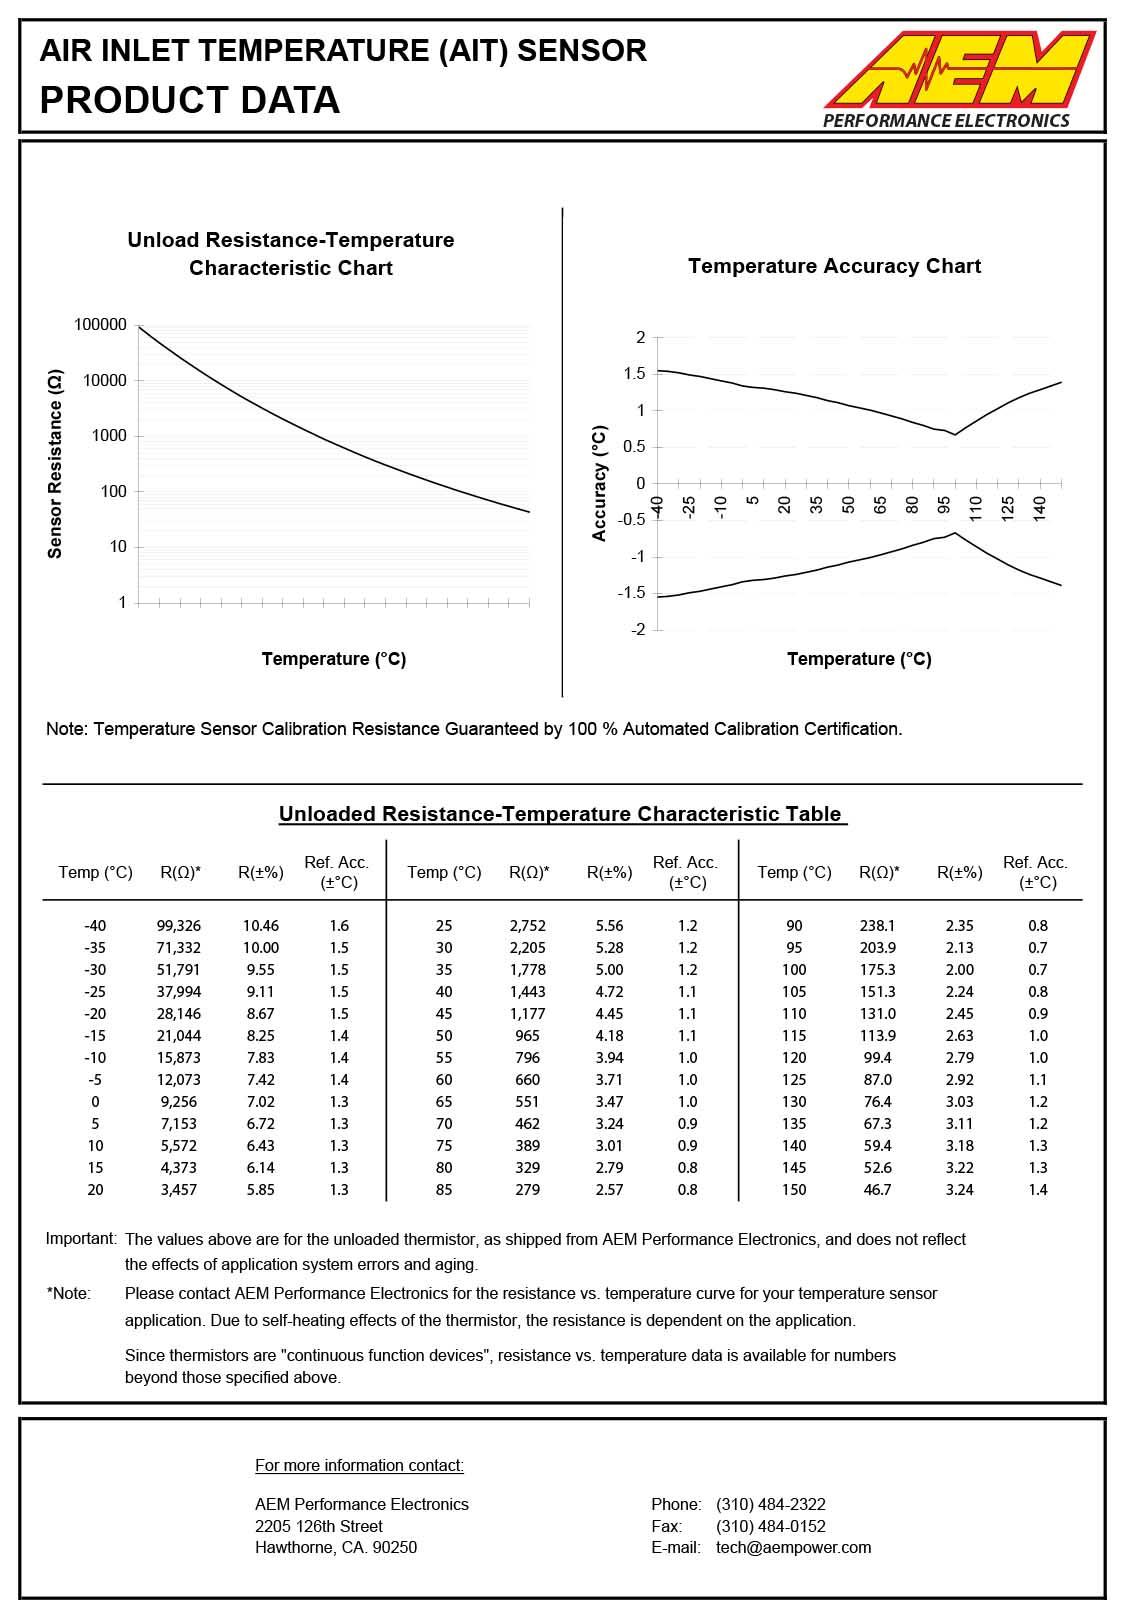 30-2010-Sensor-Data-2